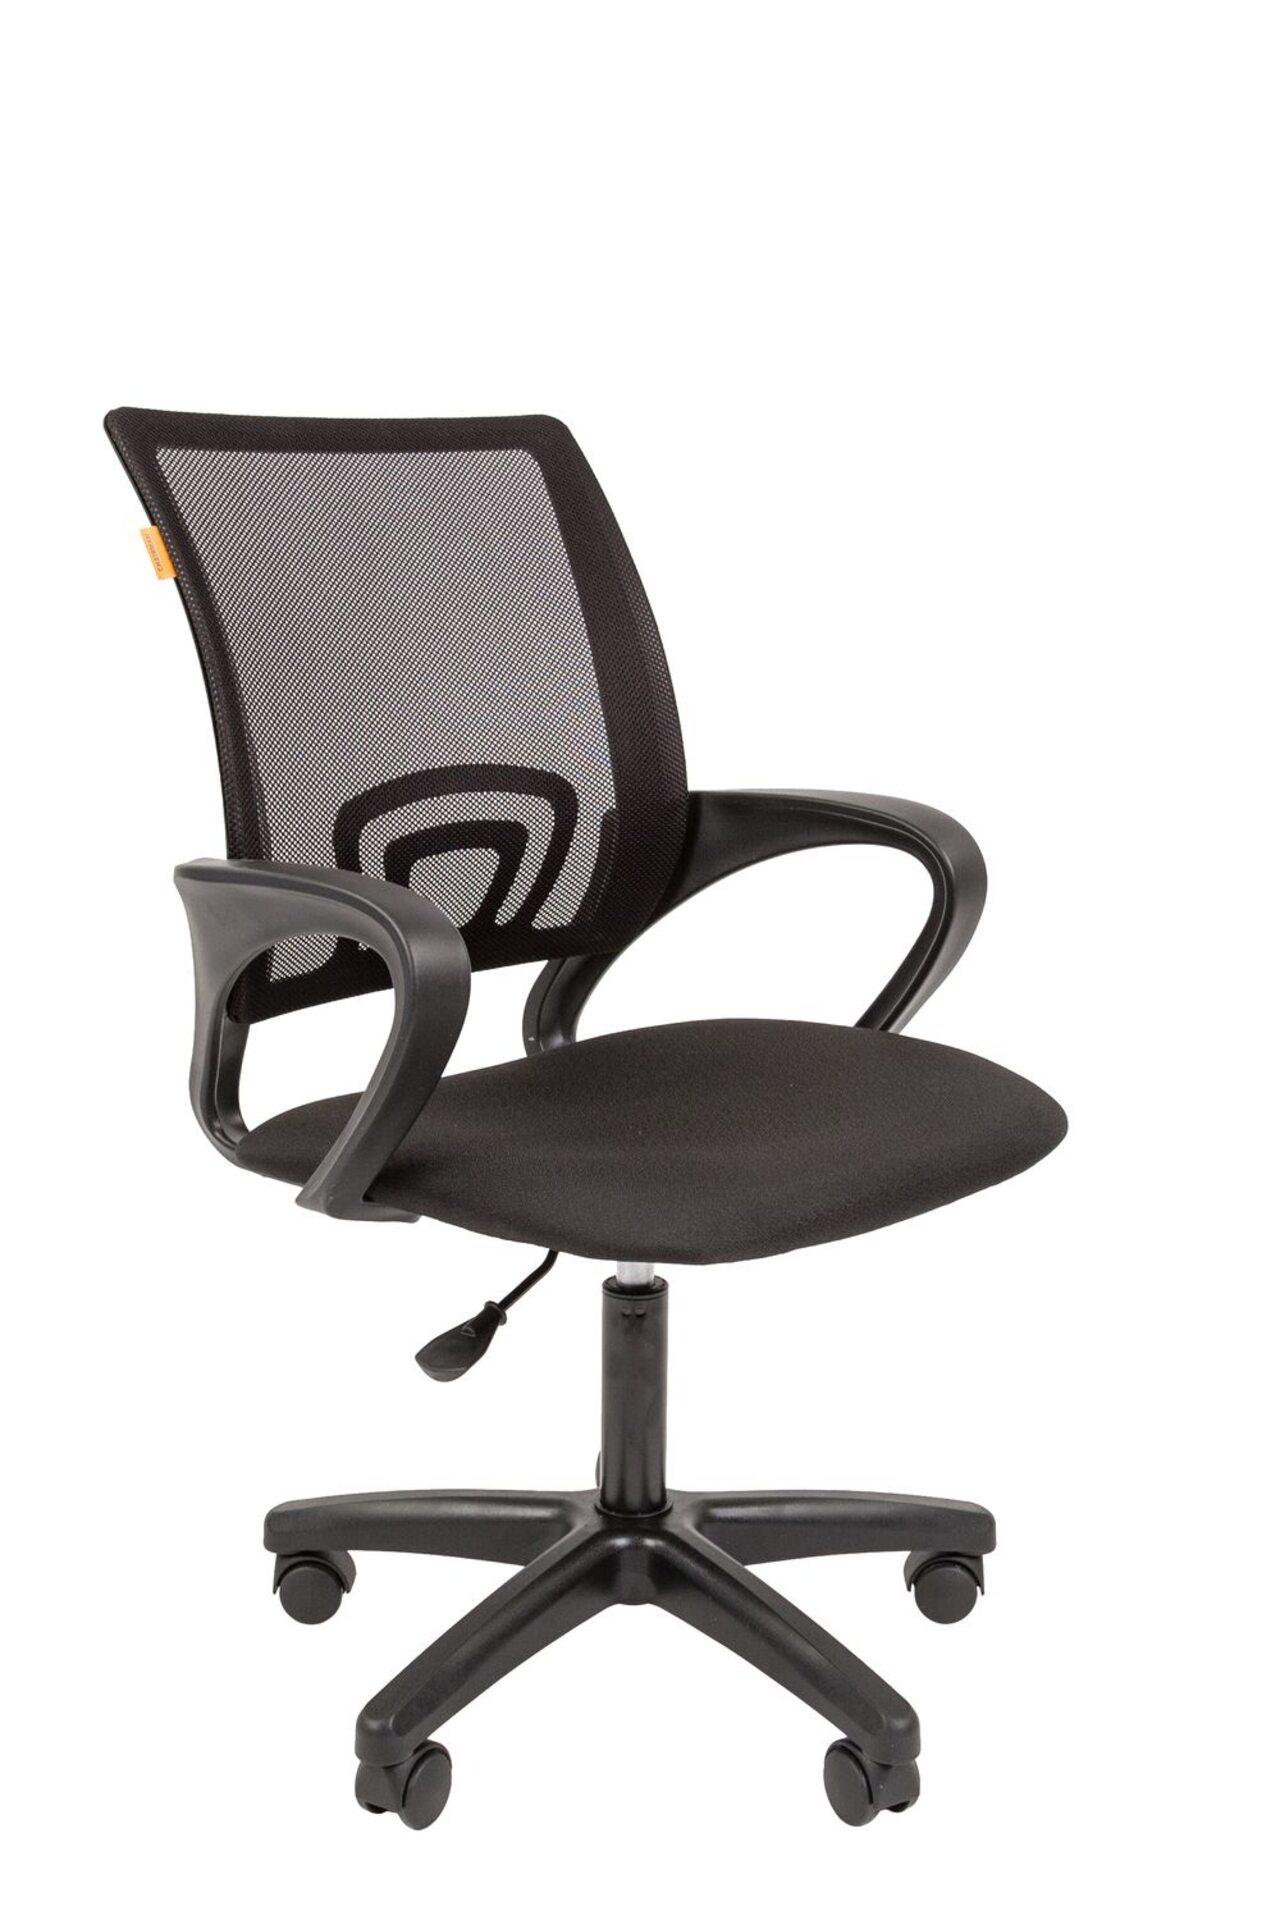 Кресло для персонала Chairman 696 LT - фото 1